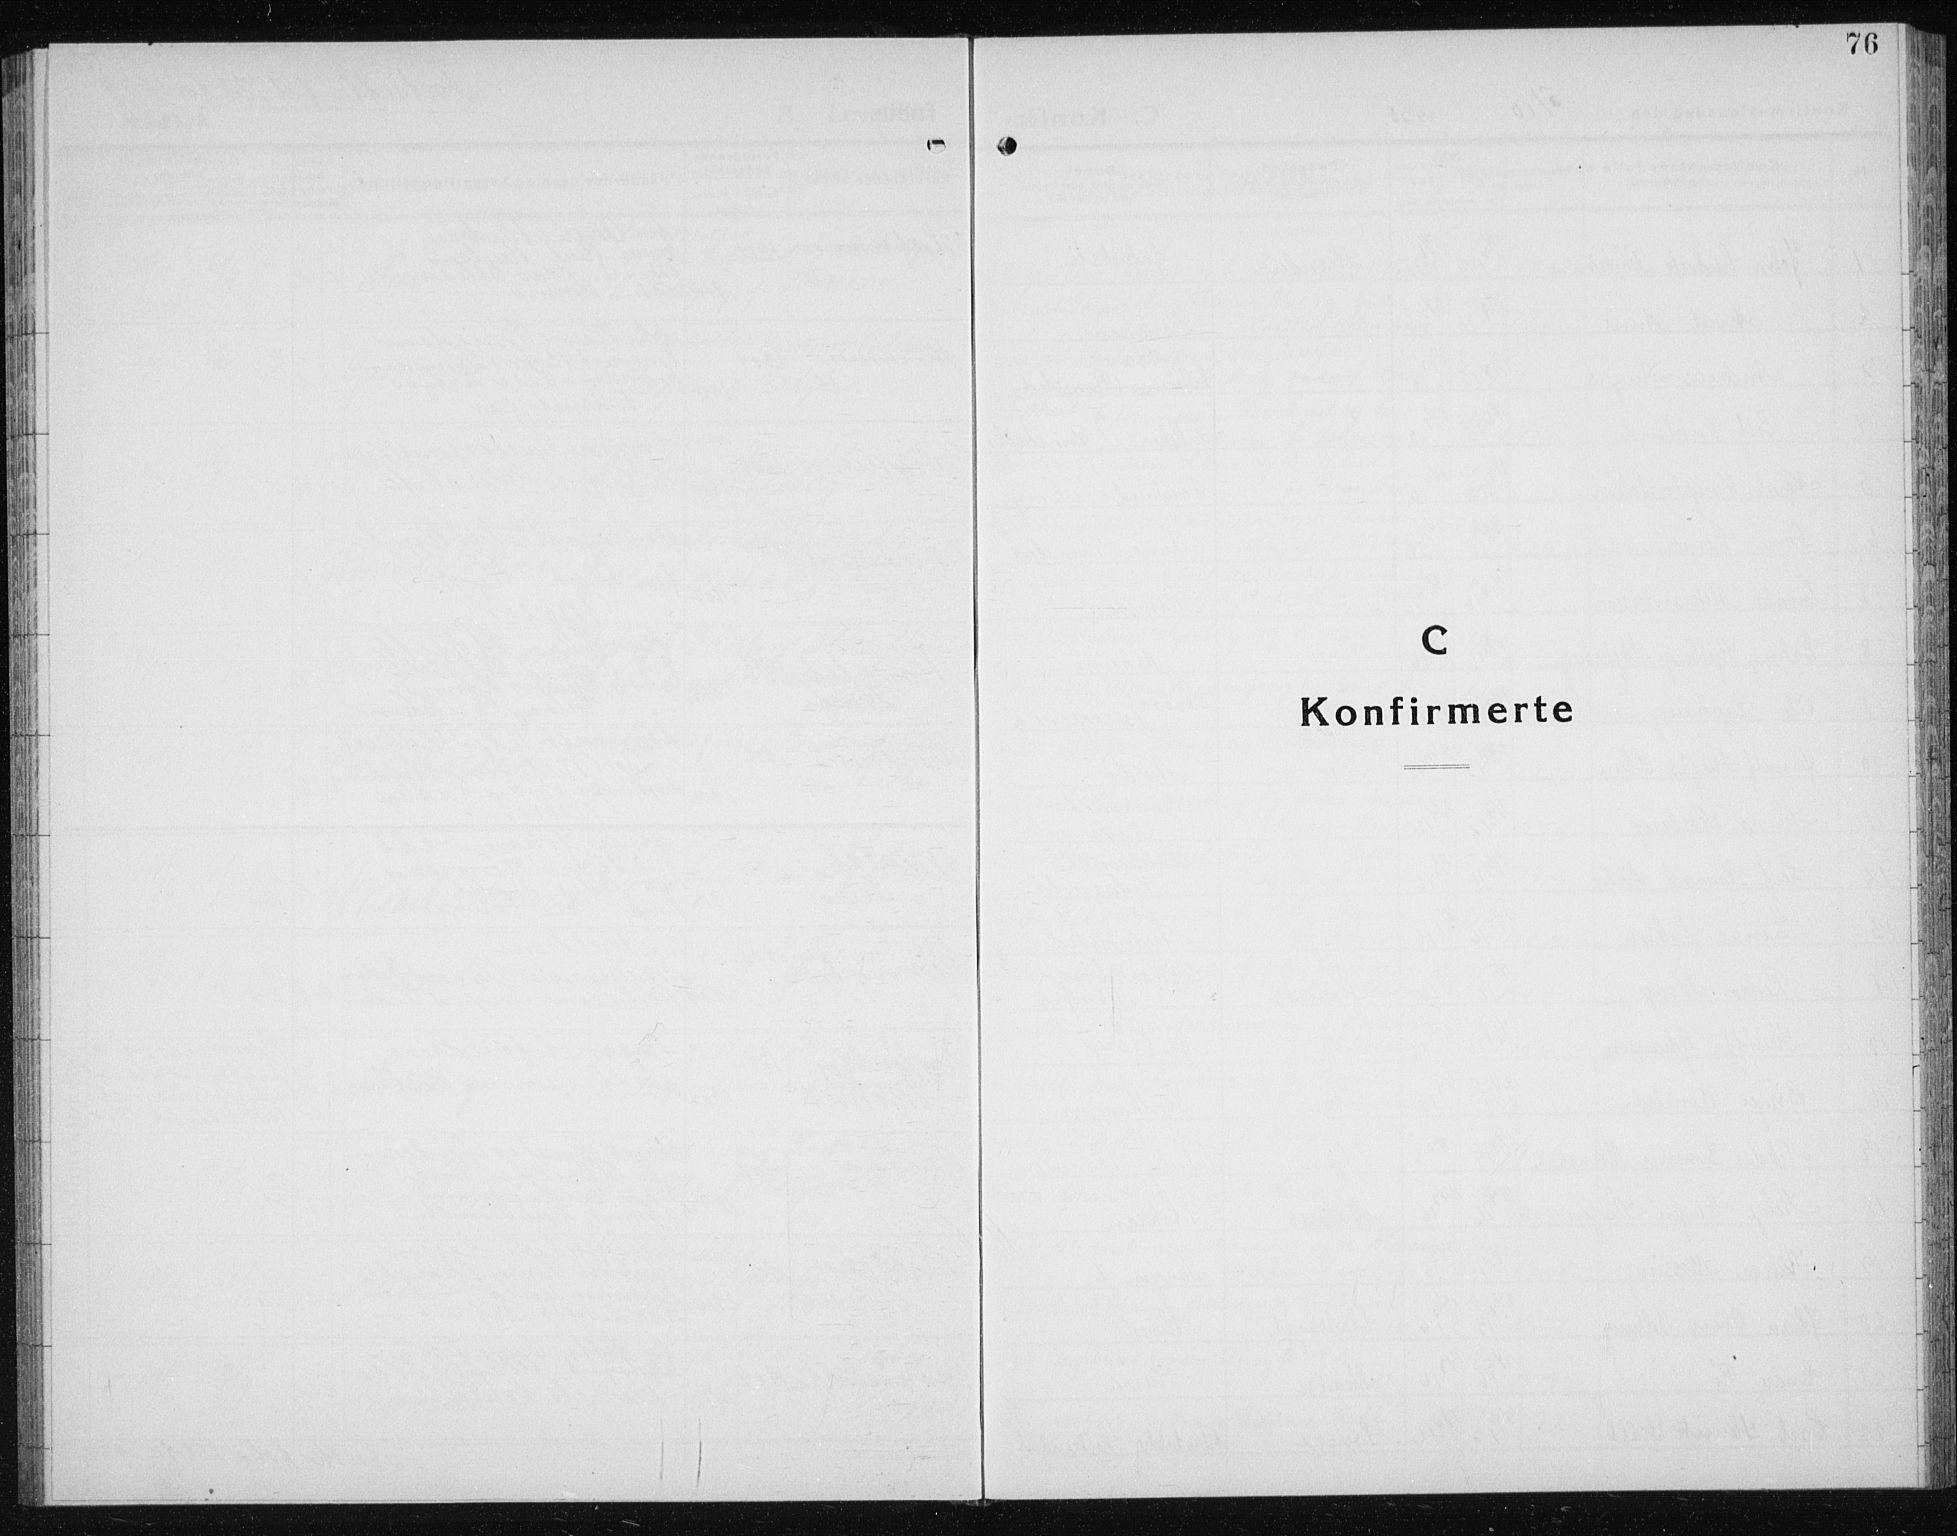 SAT, Ministerialprotokoller, klokkerbøker og fødselsregistre - Sør-Trøndelag, 607/L0327: Klokkerbok nr. 607C01, 1930-1939, s. 76